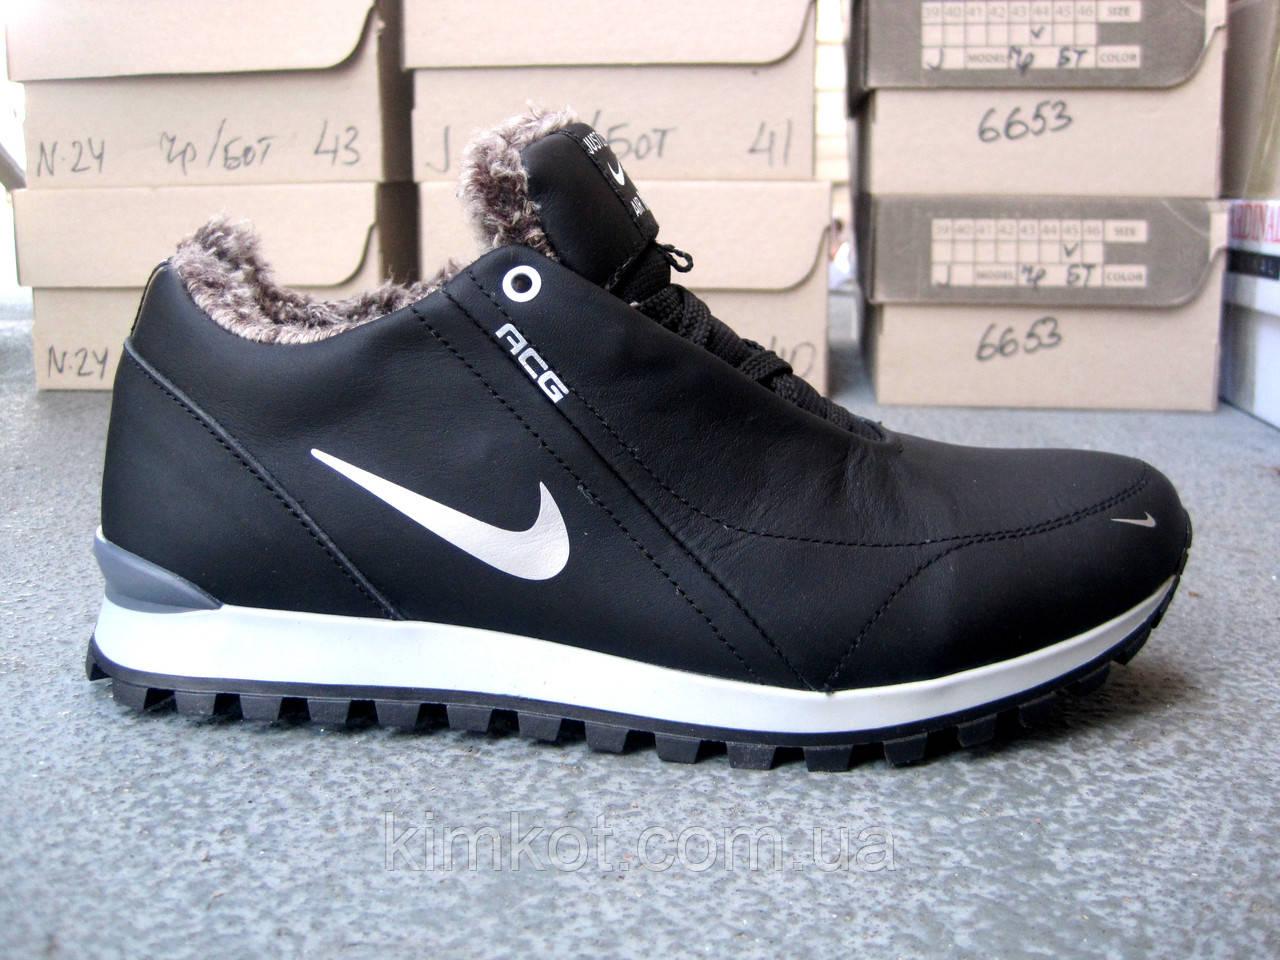 32b28c702 Зимние кожаные мужские кроссовки Nike 40-45 р-р: продажа, цена в ...